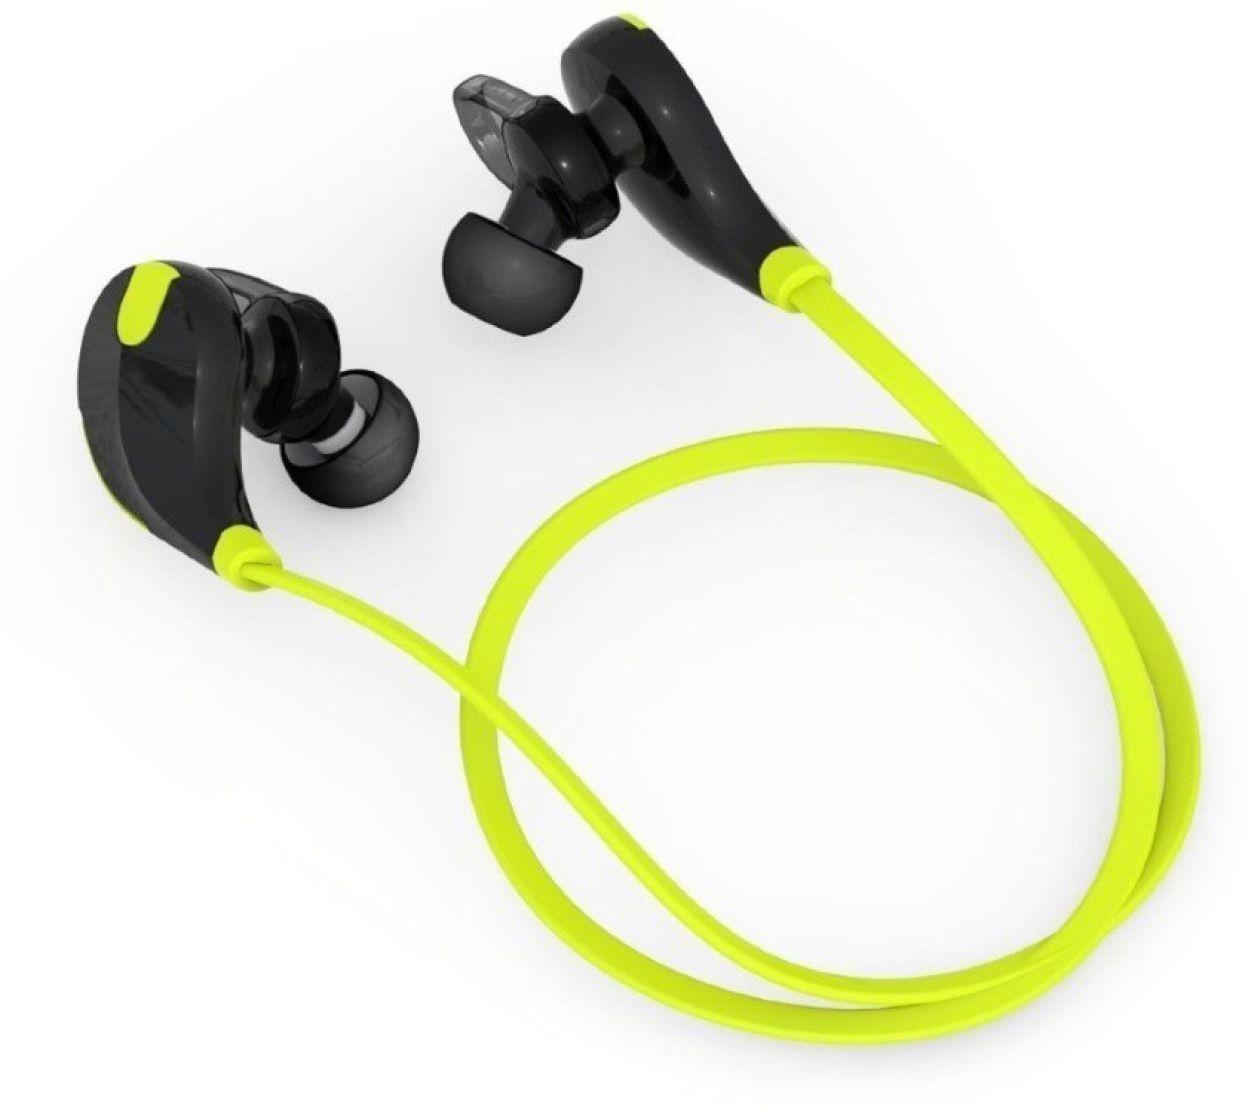 Topprice In Price Comparison In India Wireless Sport Headphones Running Headphones Studio Headphones